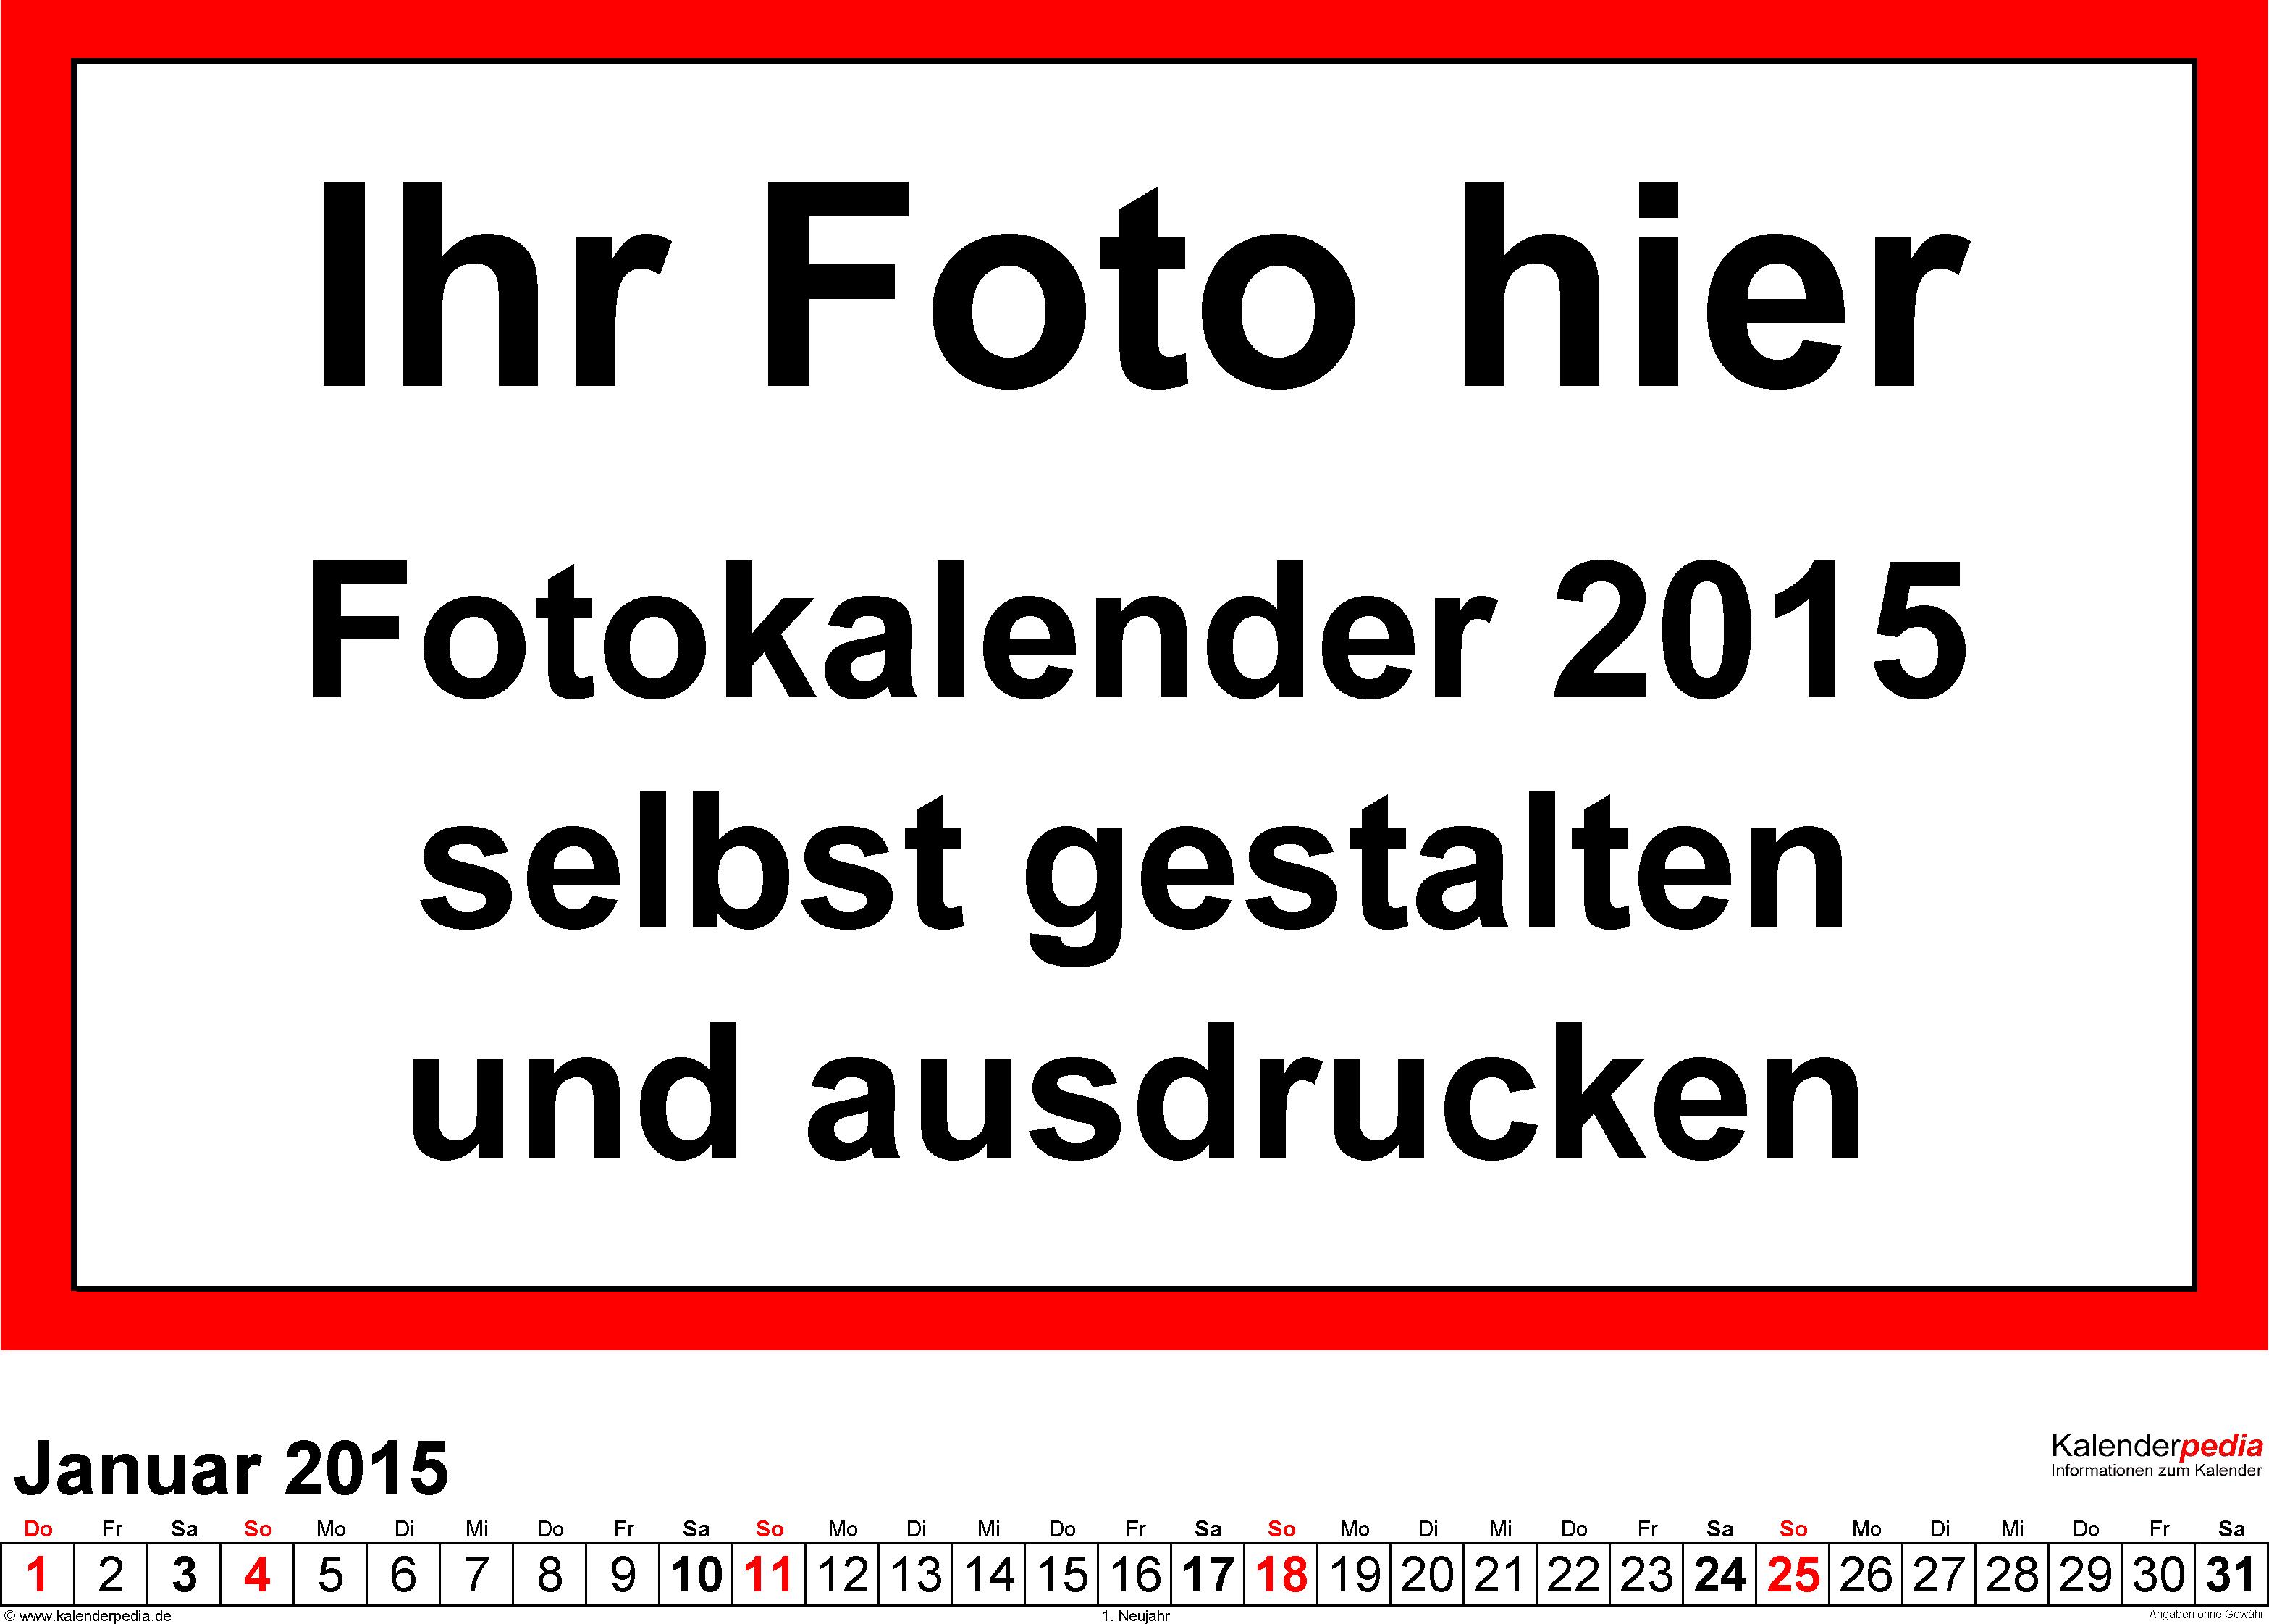 Vorlage 5: PDF-Vorlage für Fotokalender 2015 (Querformat)